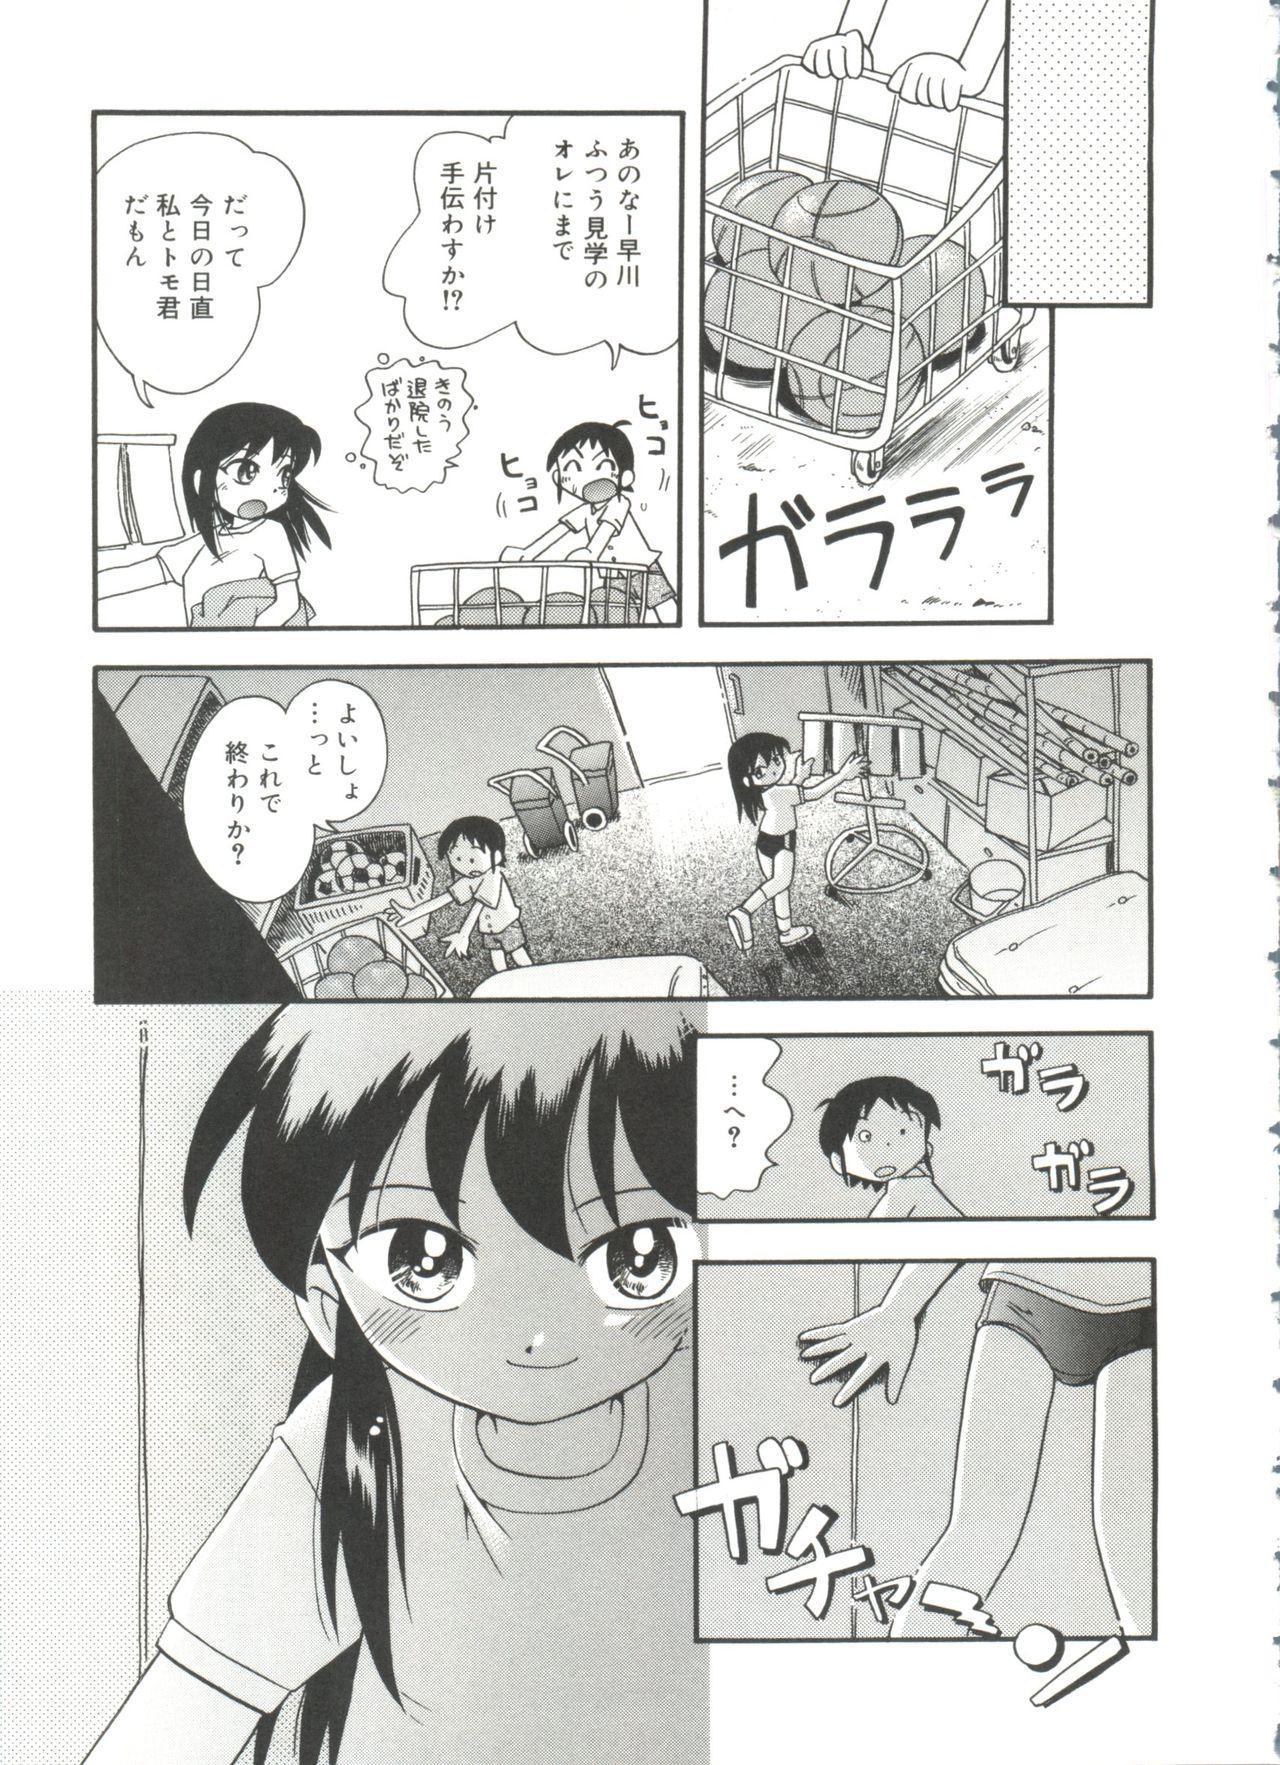 Nakayoshi-chan 10